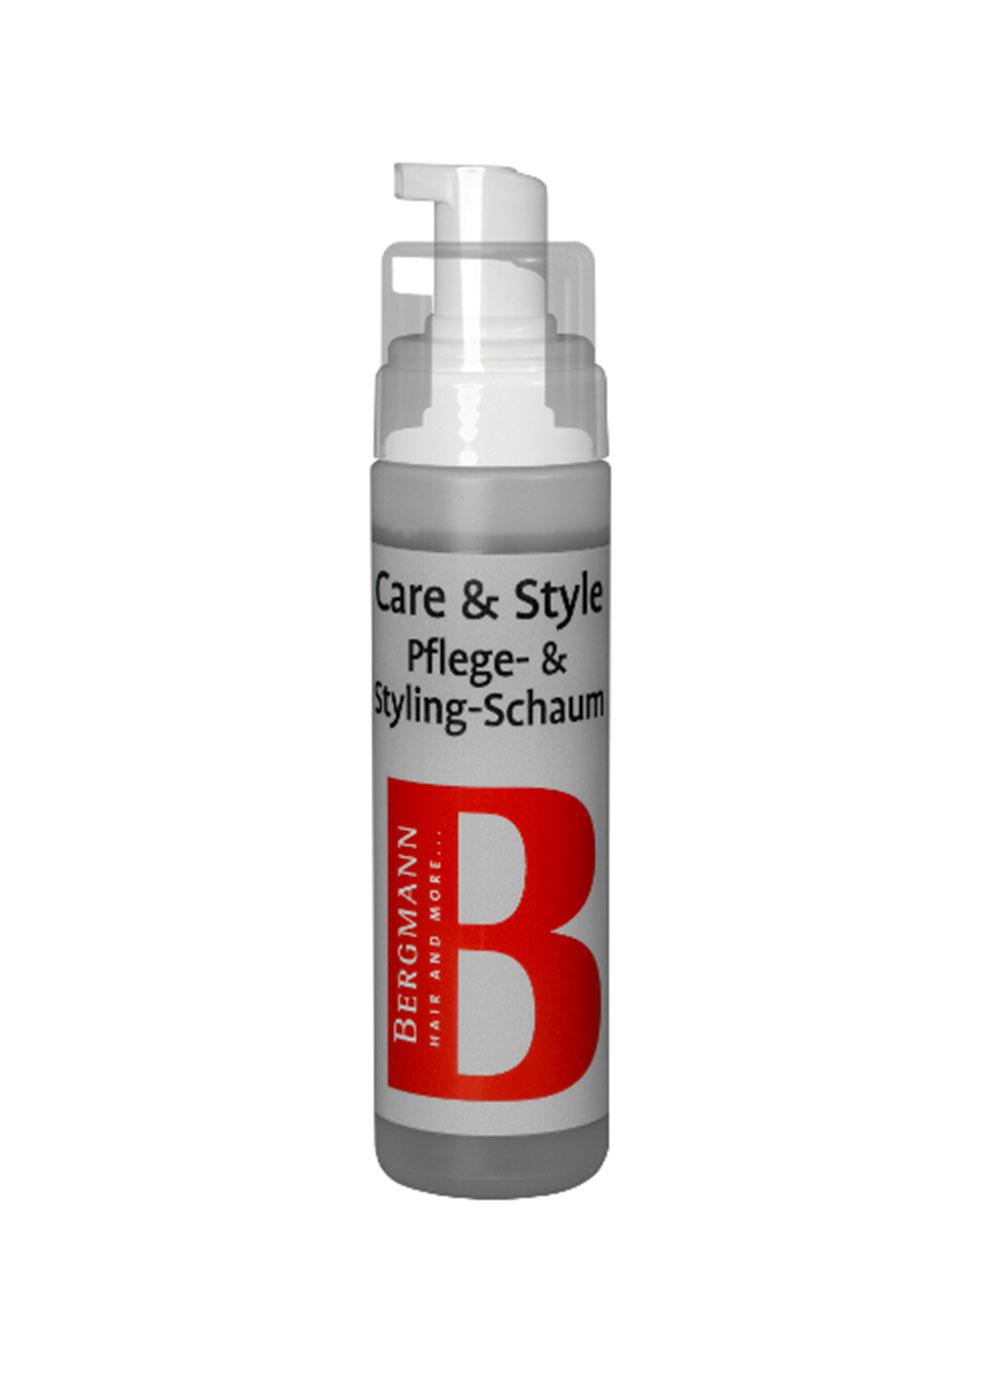 Bergmann Zubehör: Care & Style Pflege & Styling Schaum 200ml